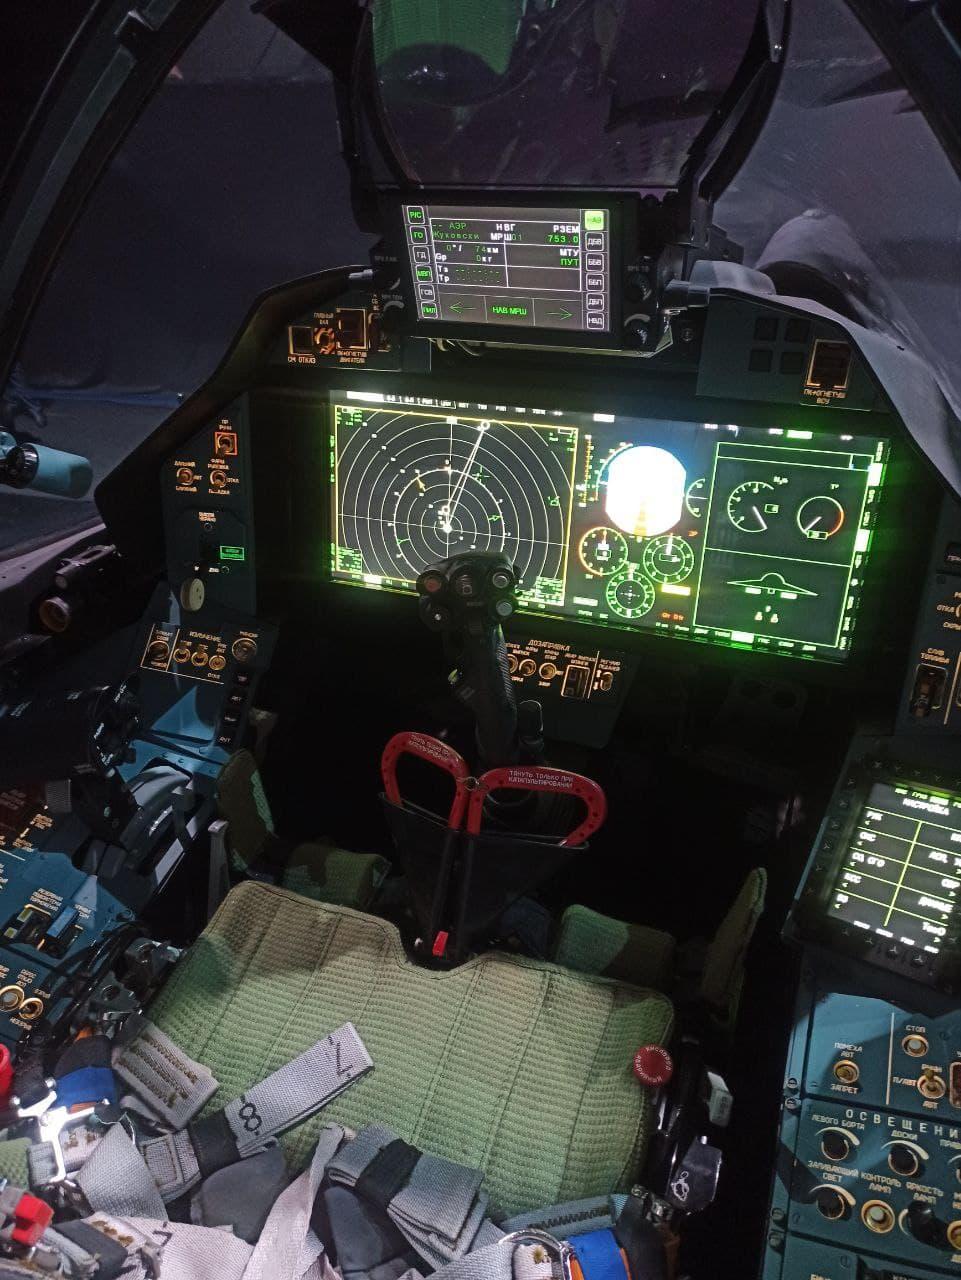 روسيا ستكشف عن مقاتلة جيل خامس خفيفة مشابهة ل اف35 في معرض ماكس  - صفحة 2 E6-J-03XIAIosrz?format=jpg&name=large